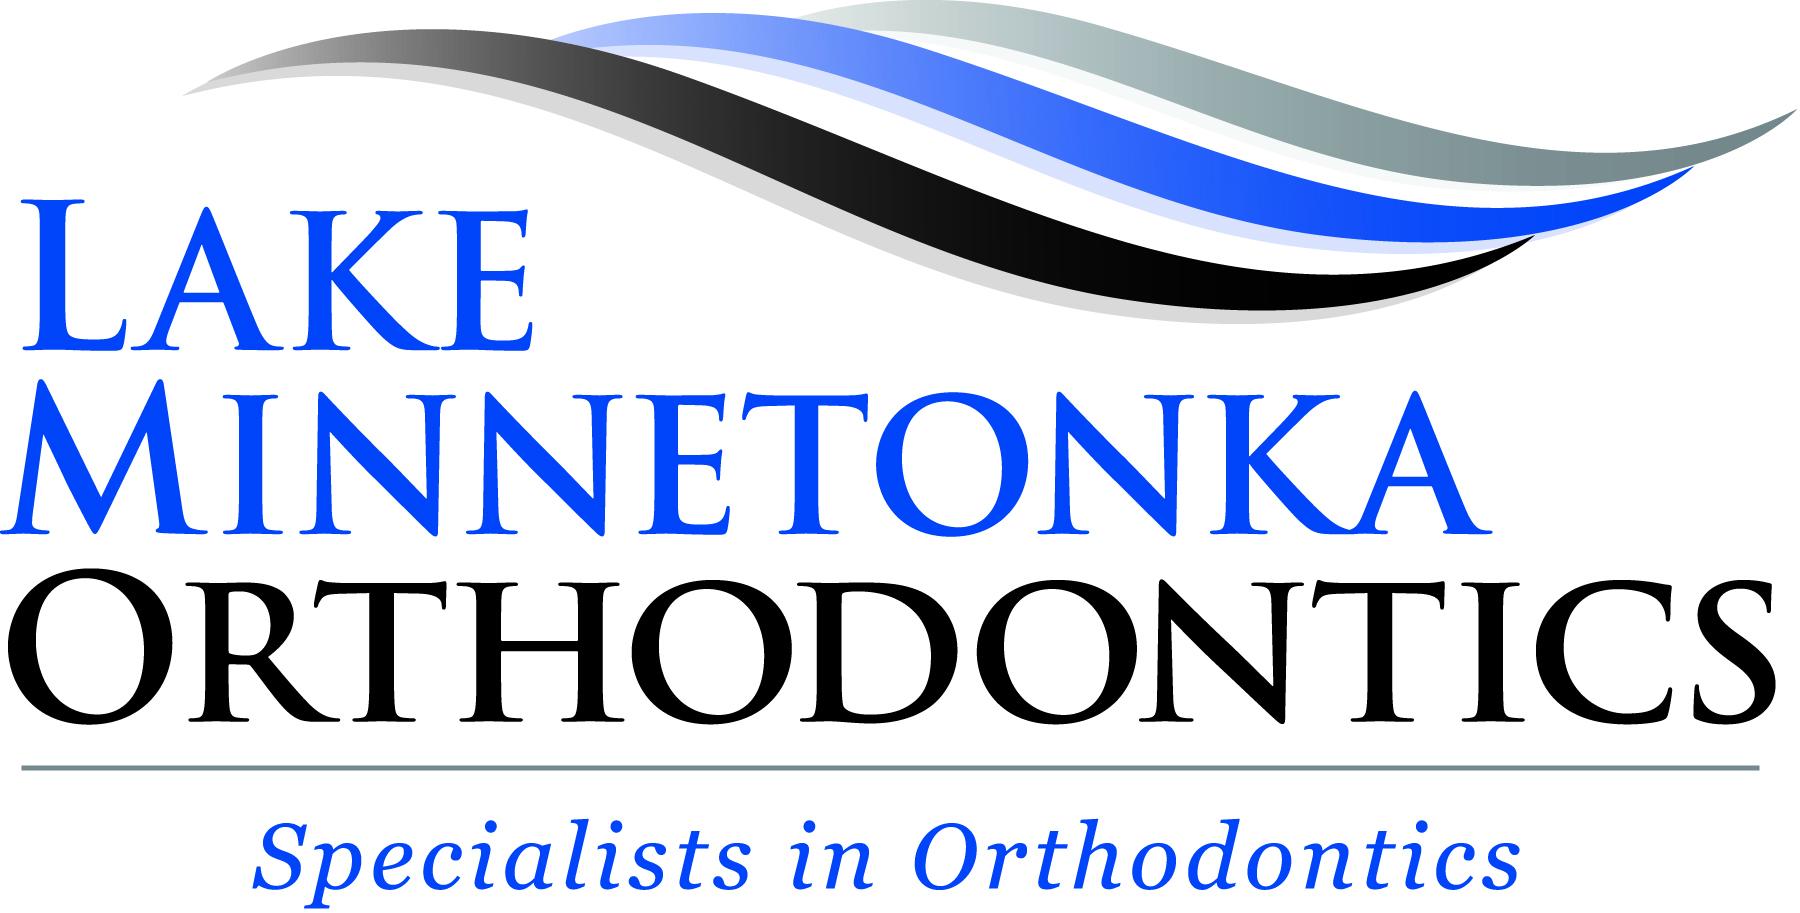 Orthodontie du lac Minnetonka